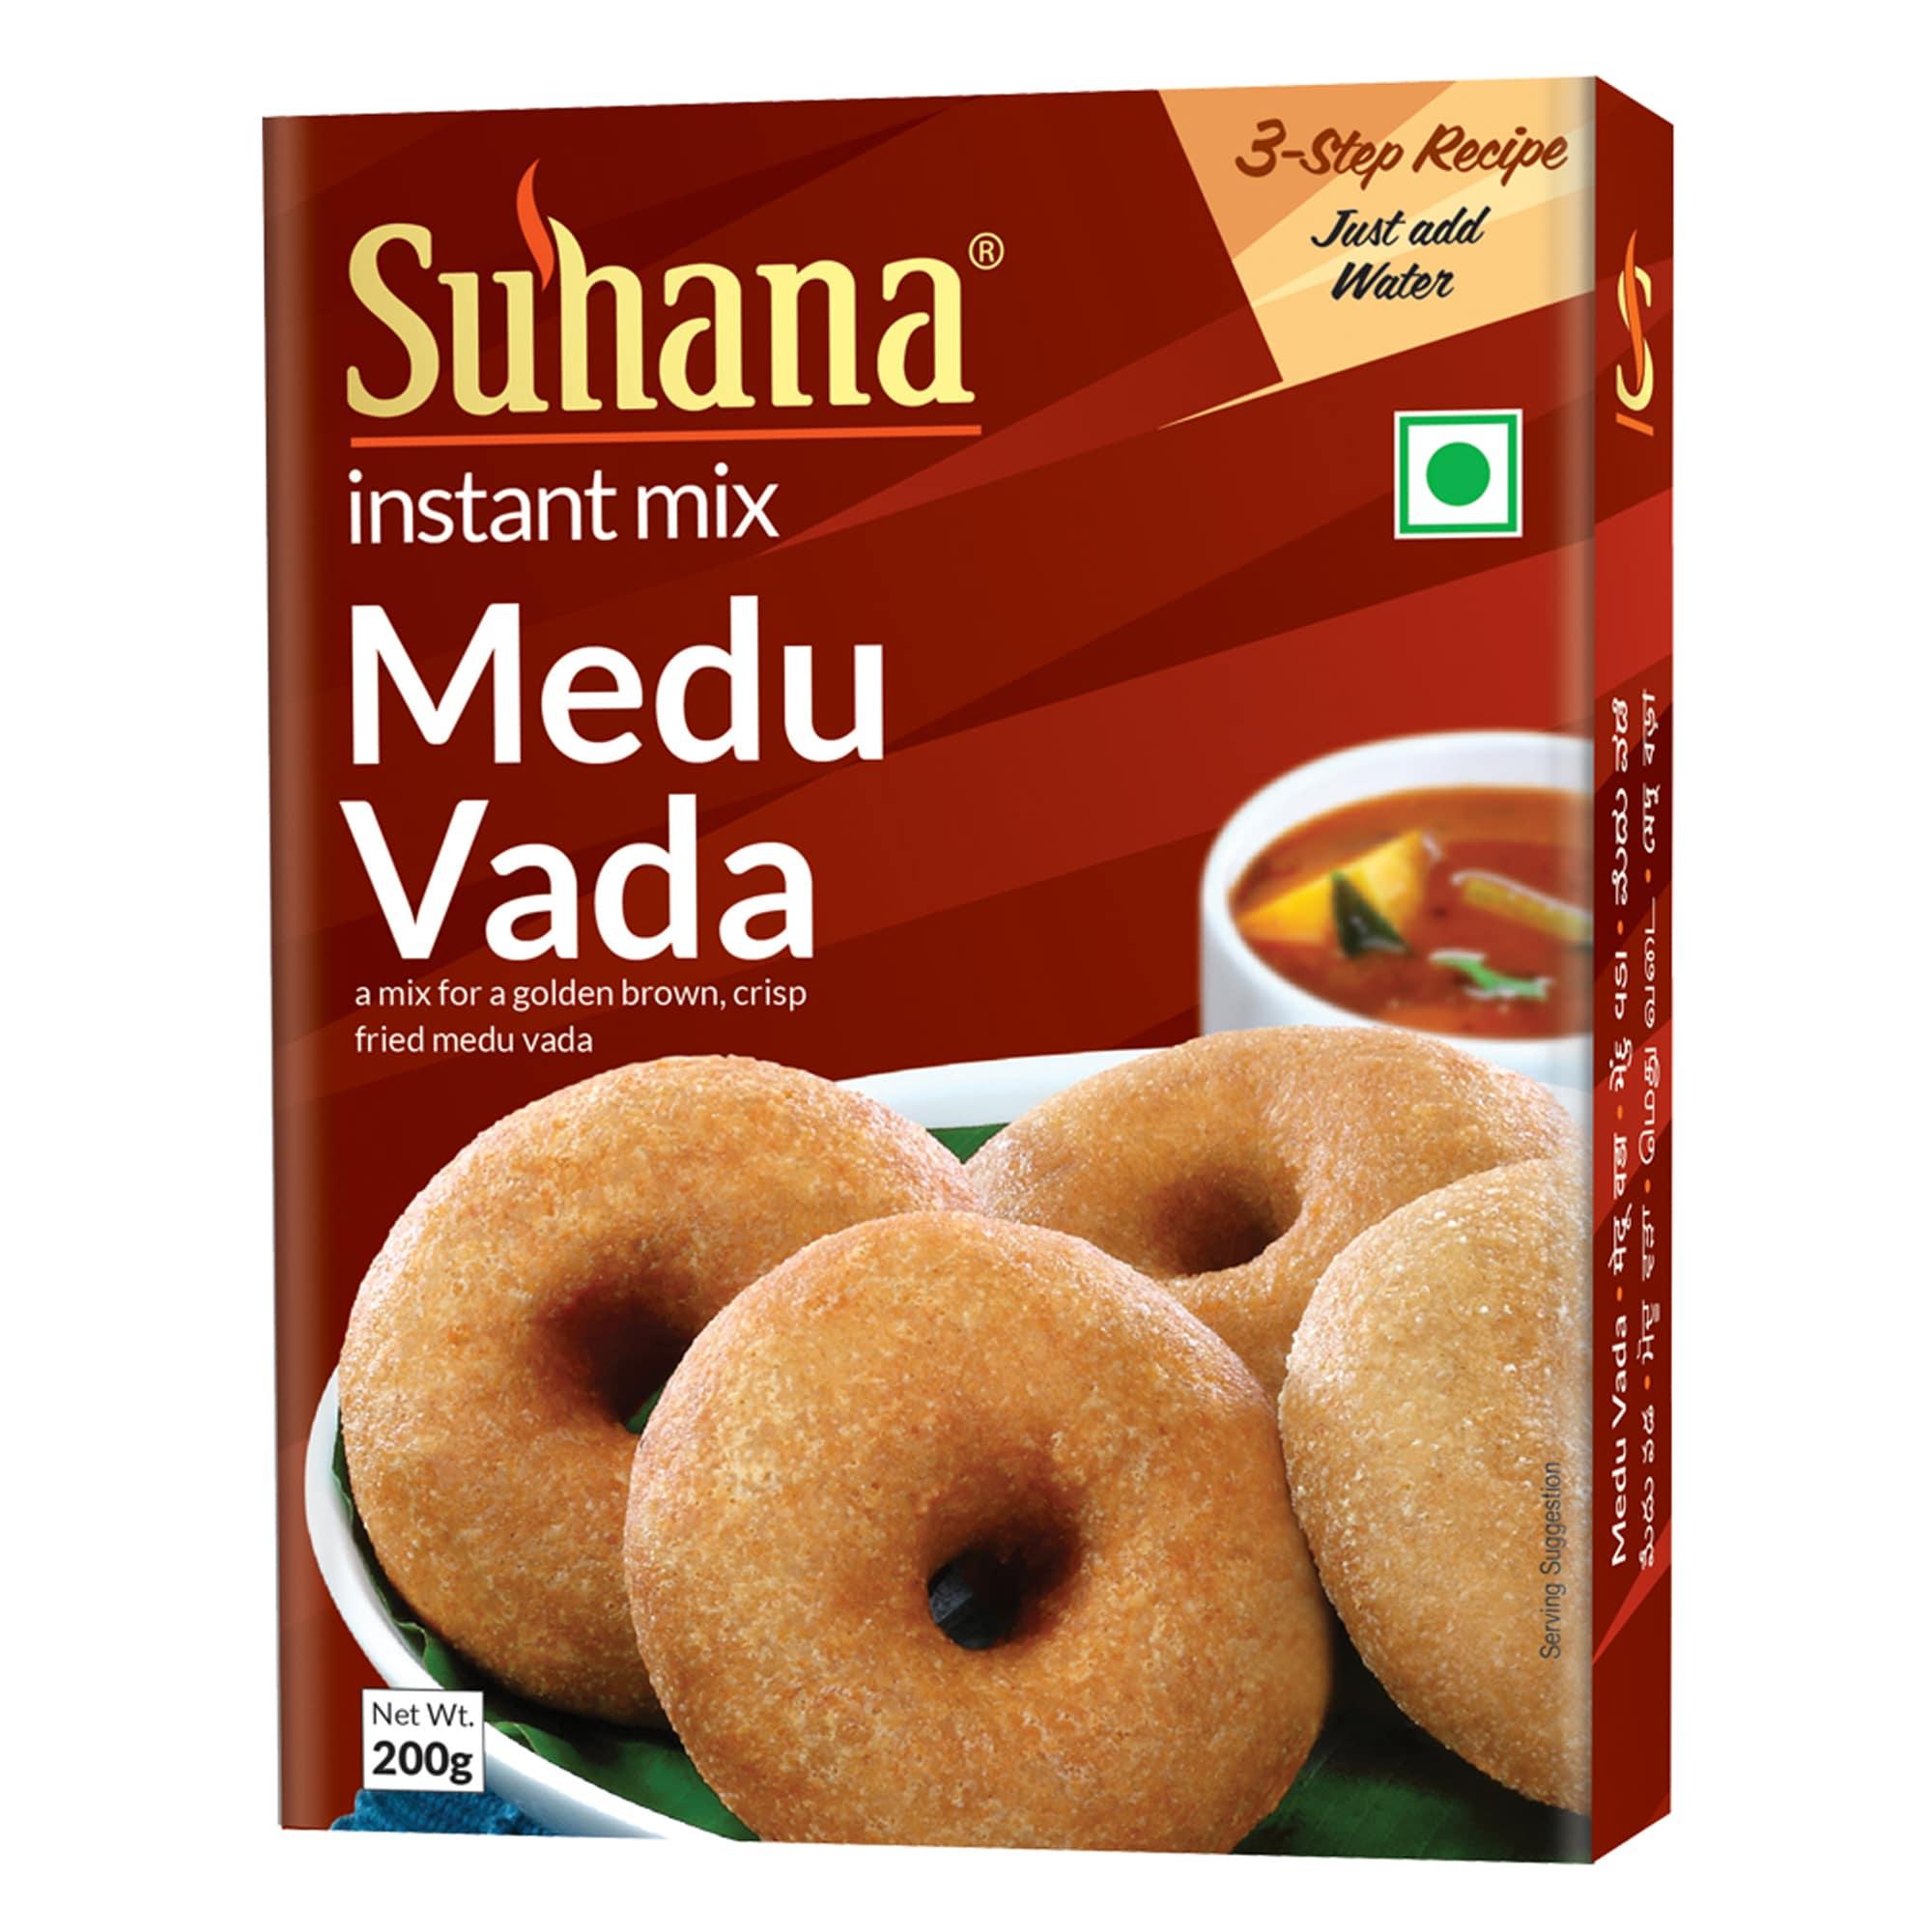 Suhana Medu Vada Mix 200g Box